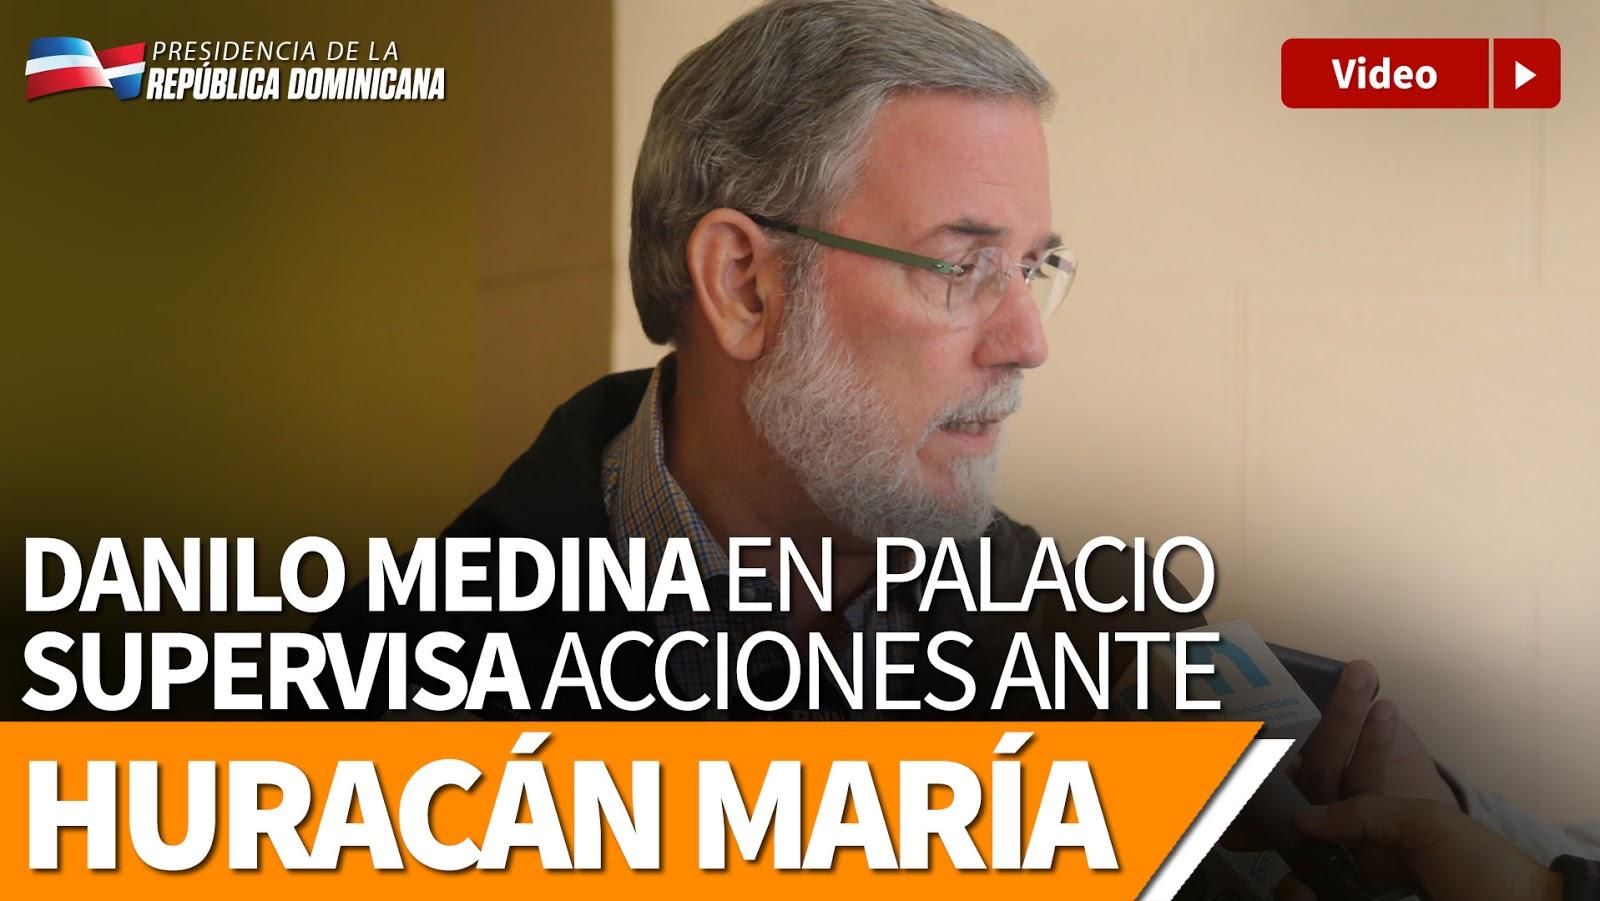 VIDEO: Danilo Medina pendiente en todo momento del Palacio Nacional del paso del huracán